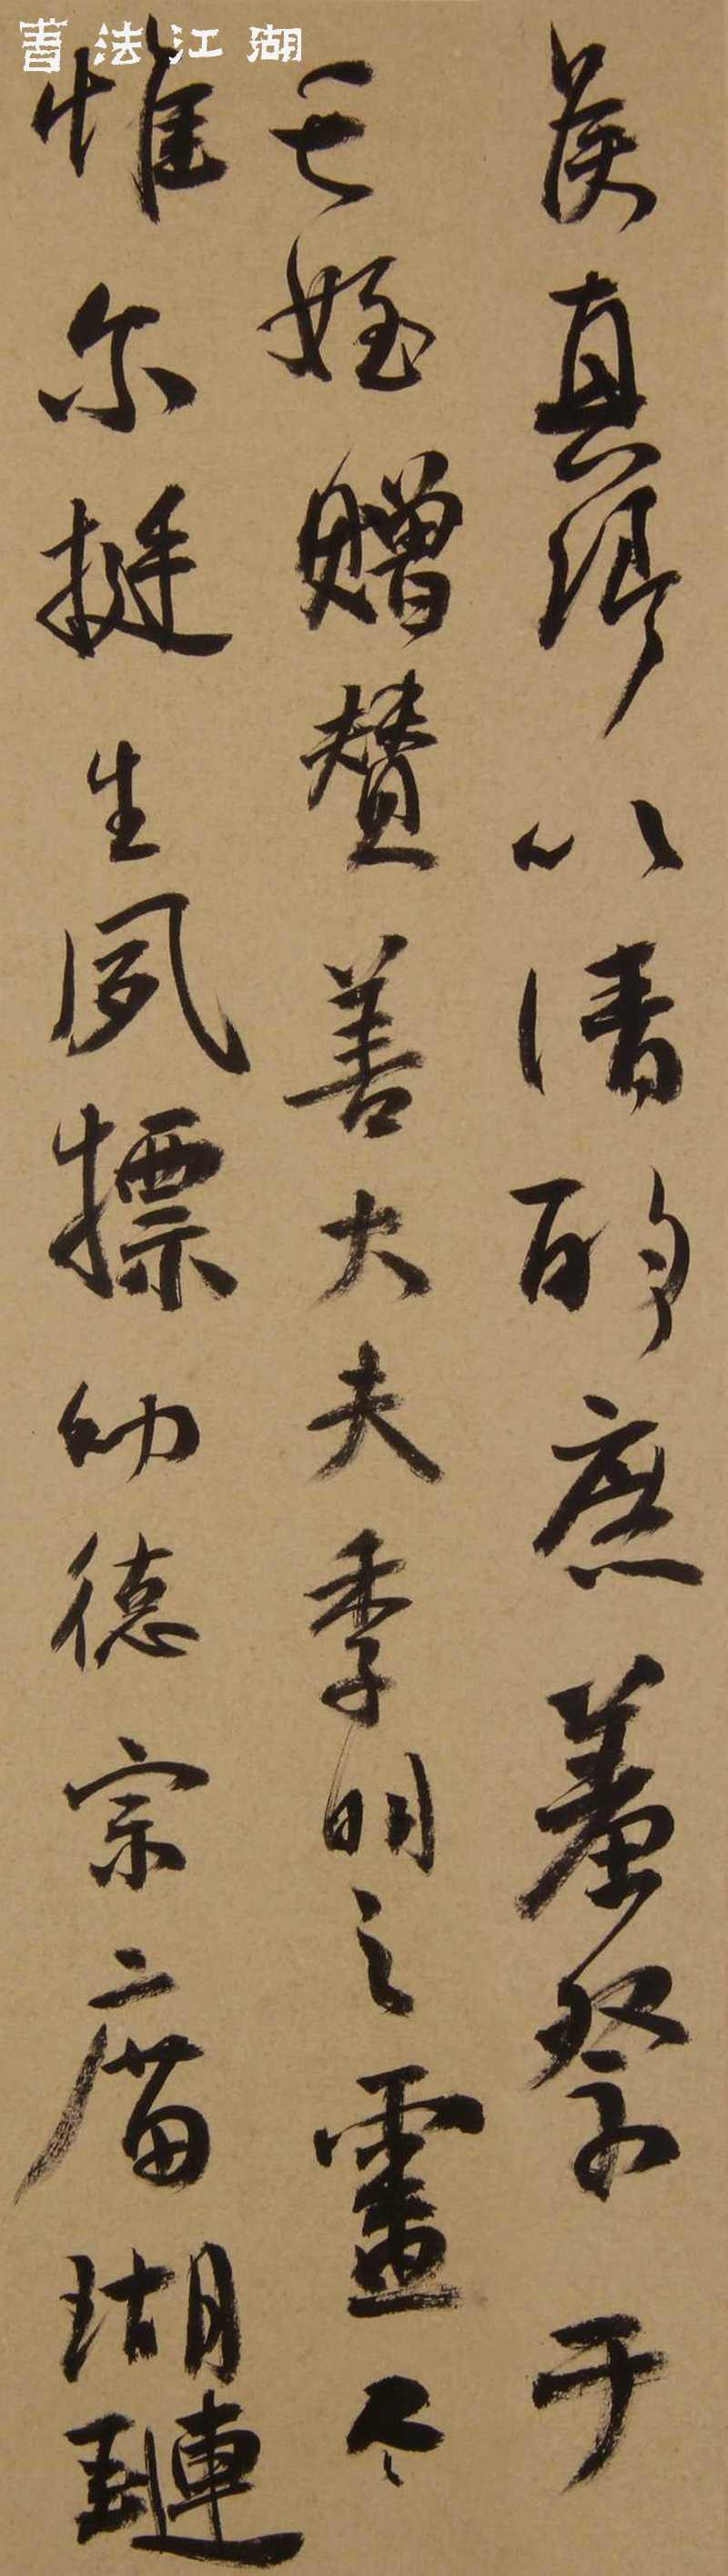 临祭侄文稿-2.jpg